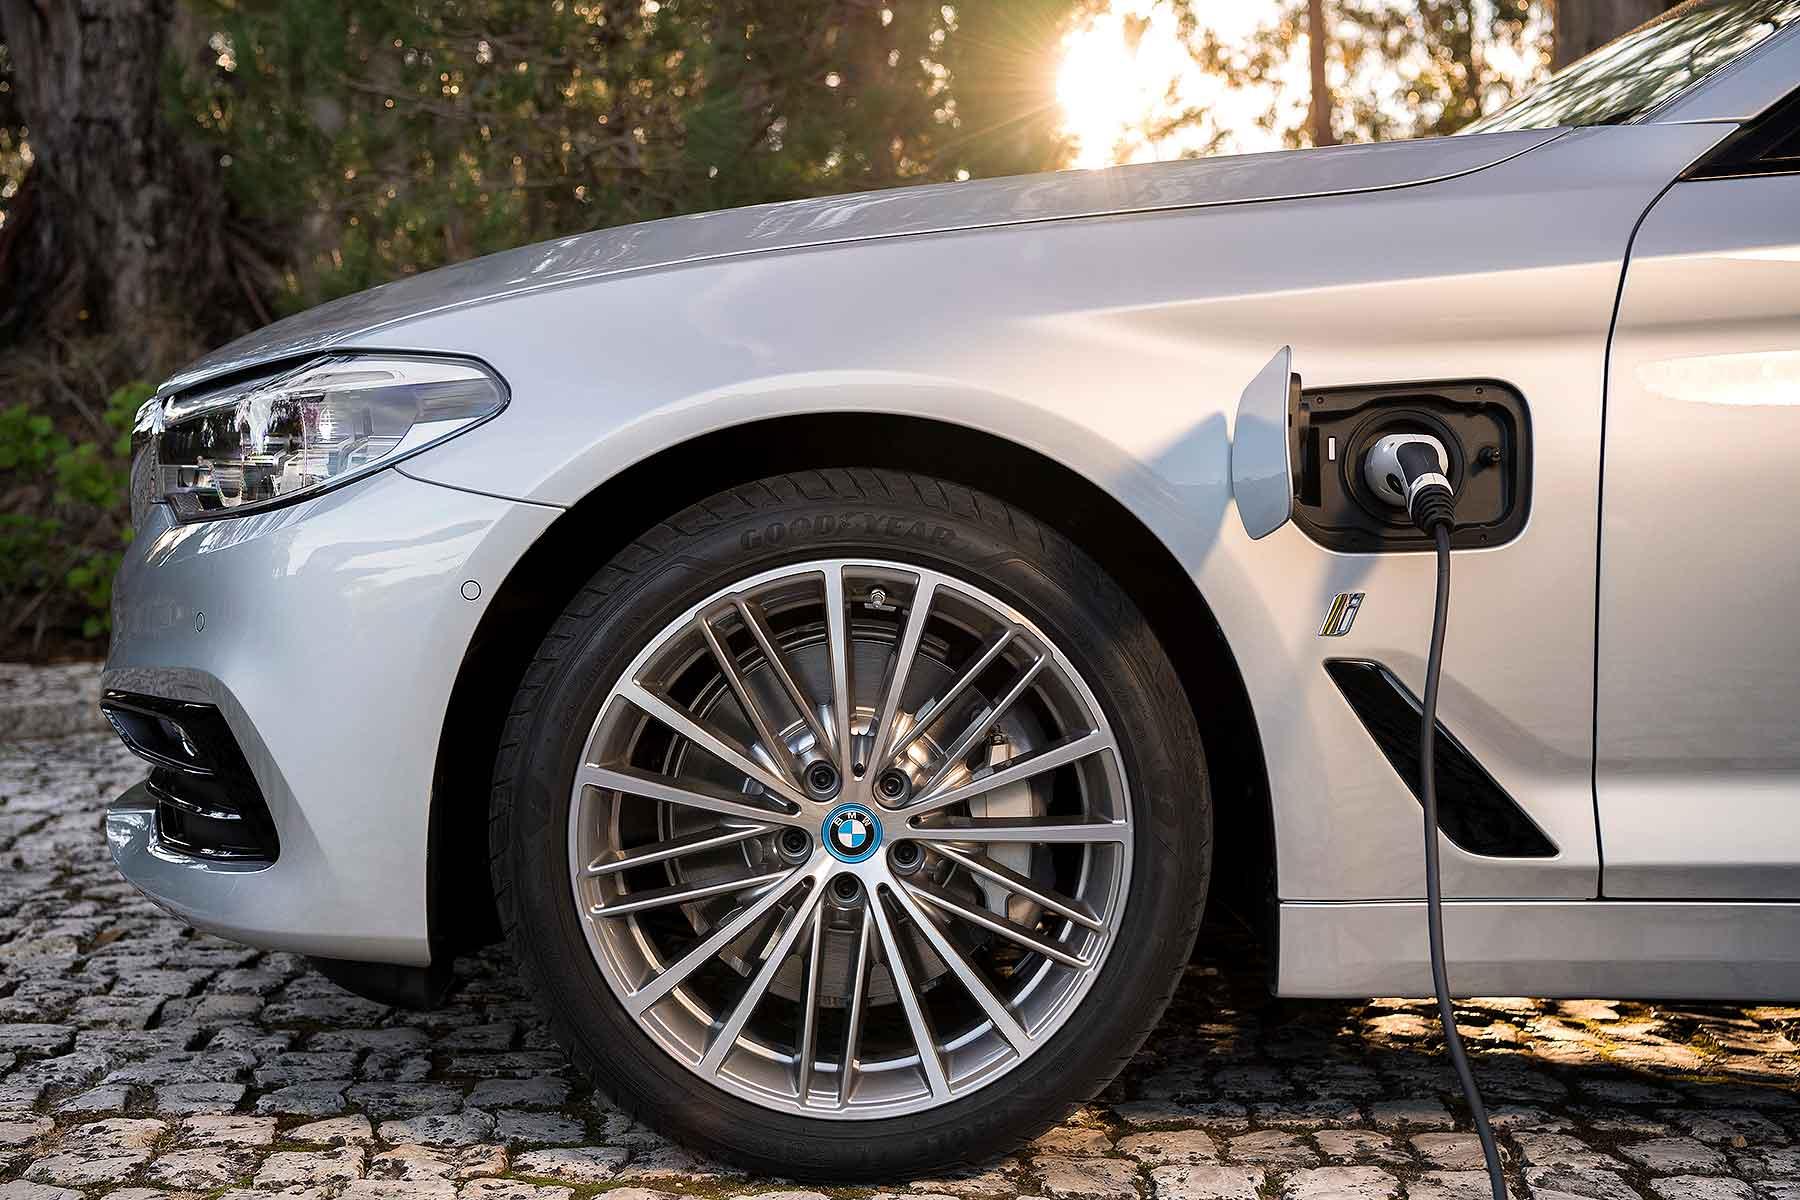 BMW electrified plug-in hybrid car